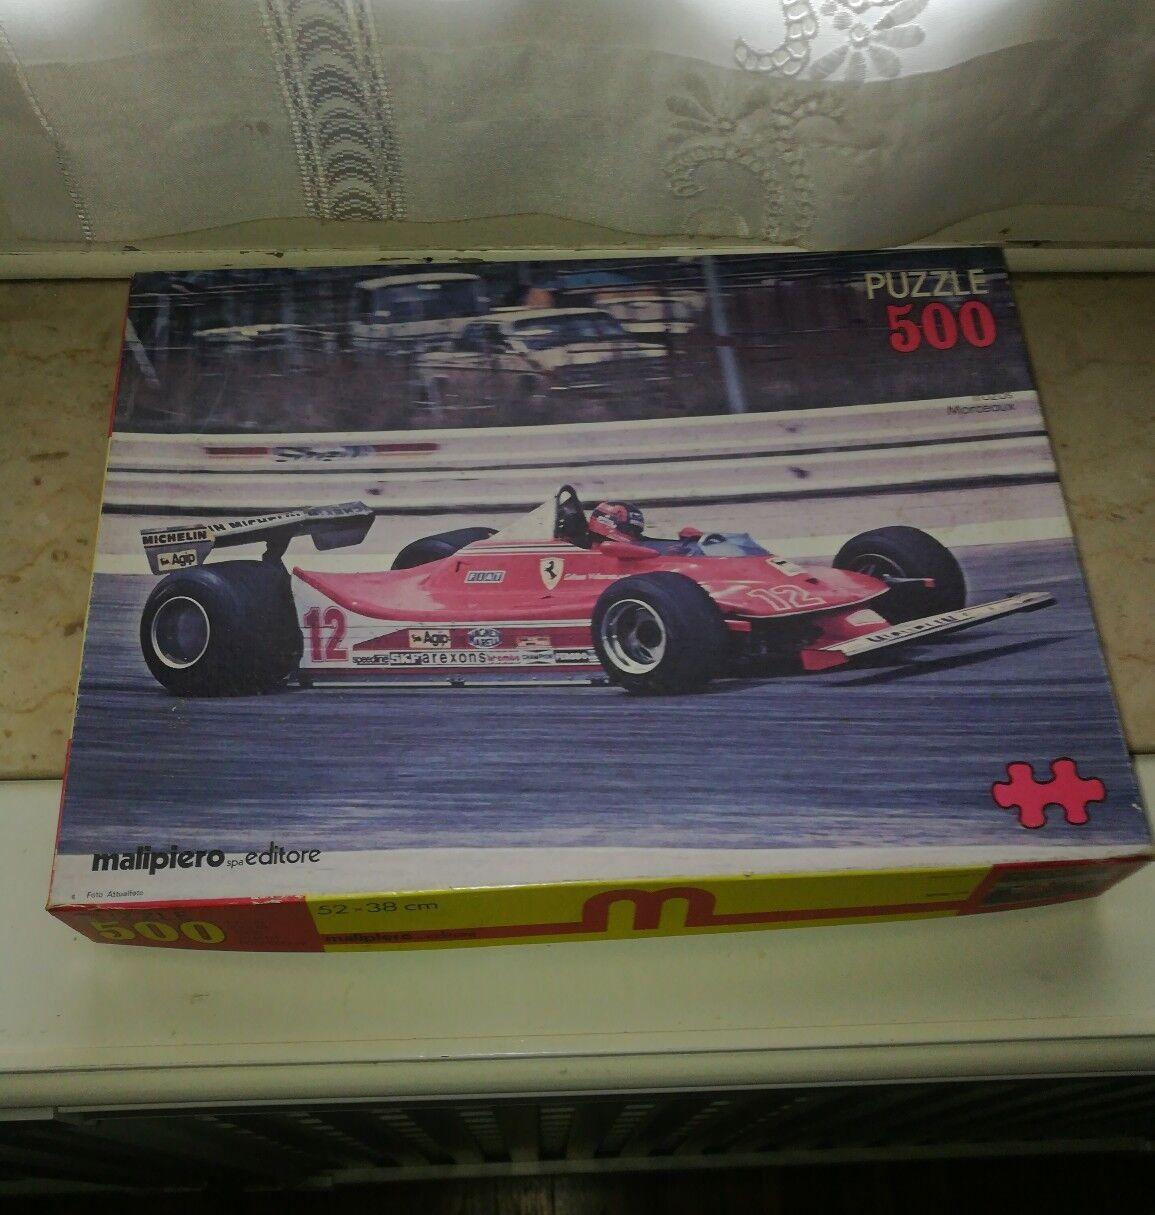 Puzzle Ferrari 312 T4 Villeneuve  Malipiero  una marca di lusso